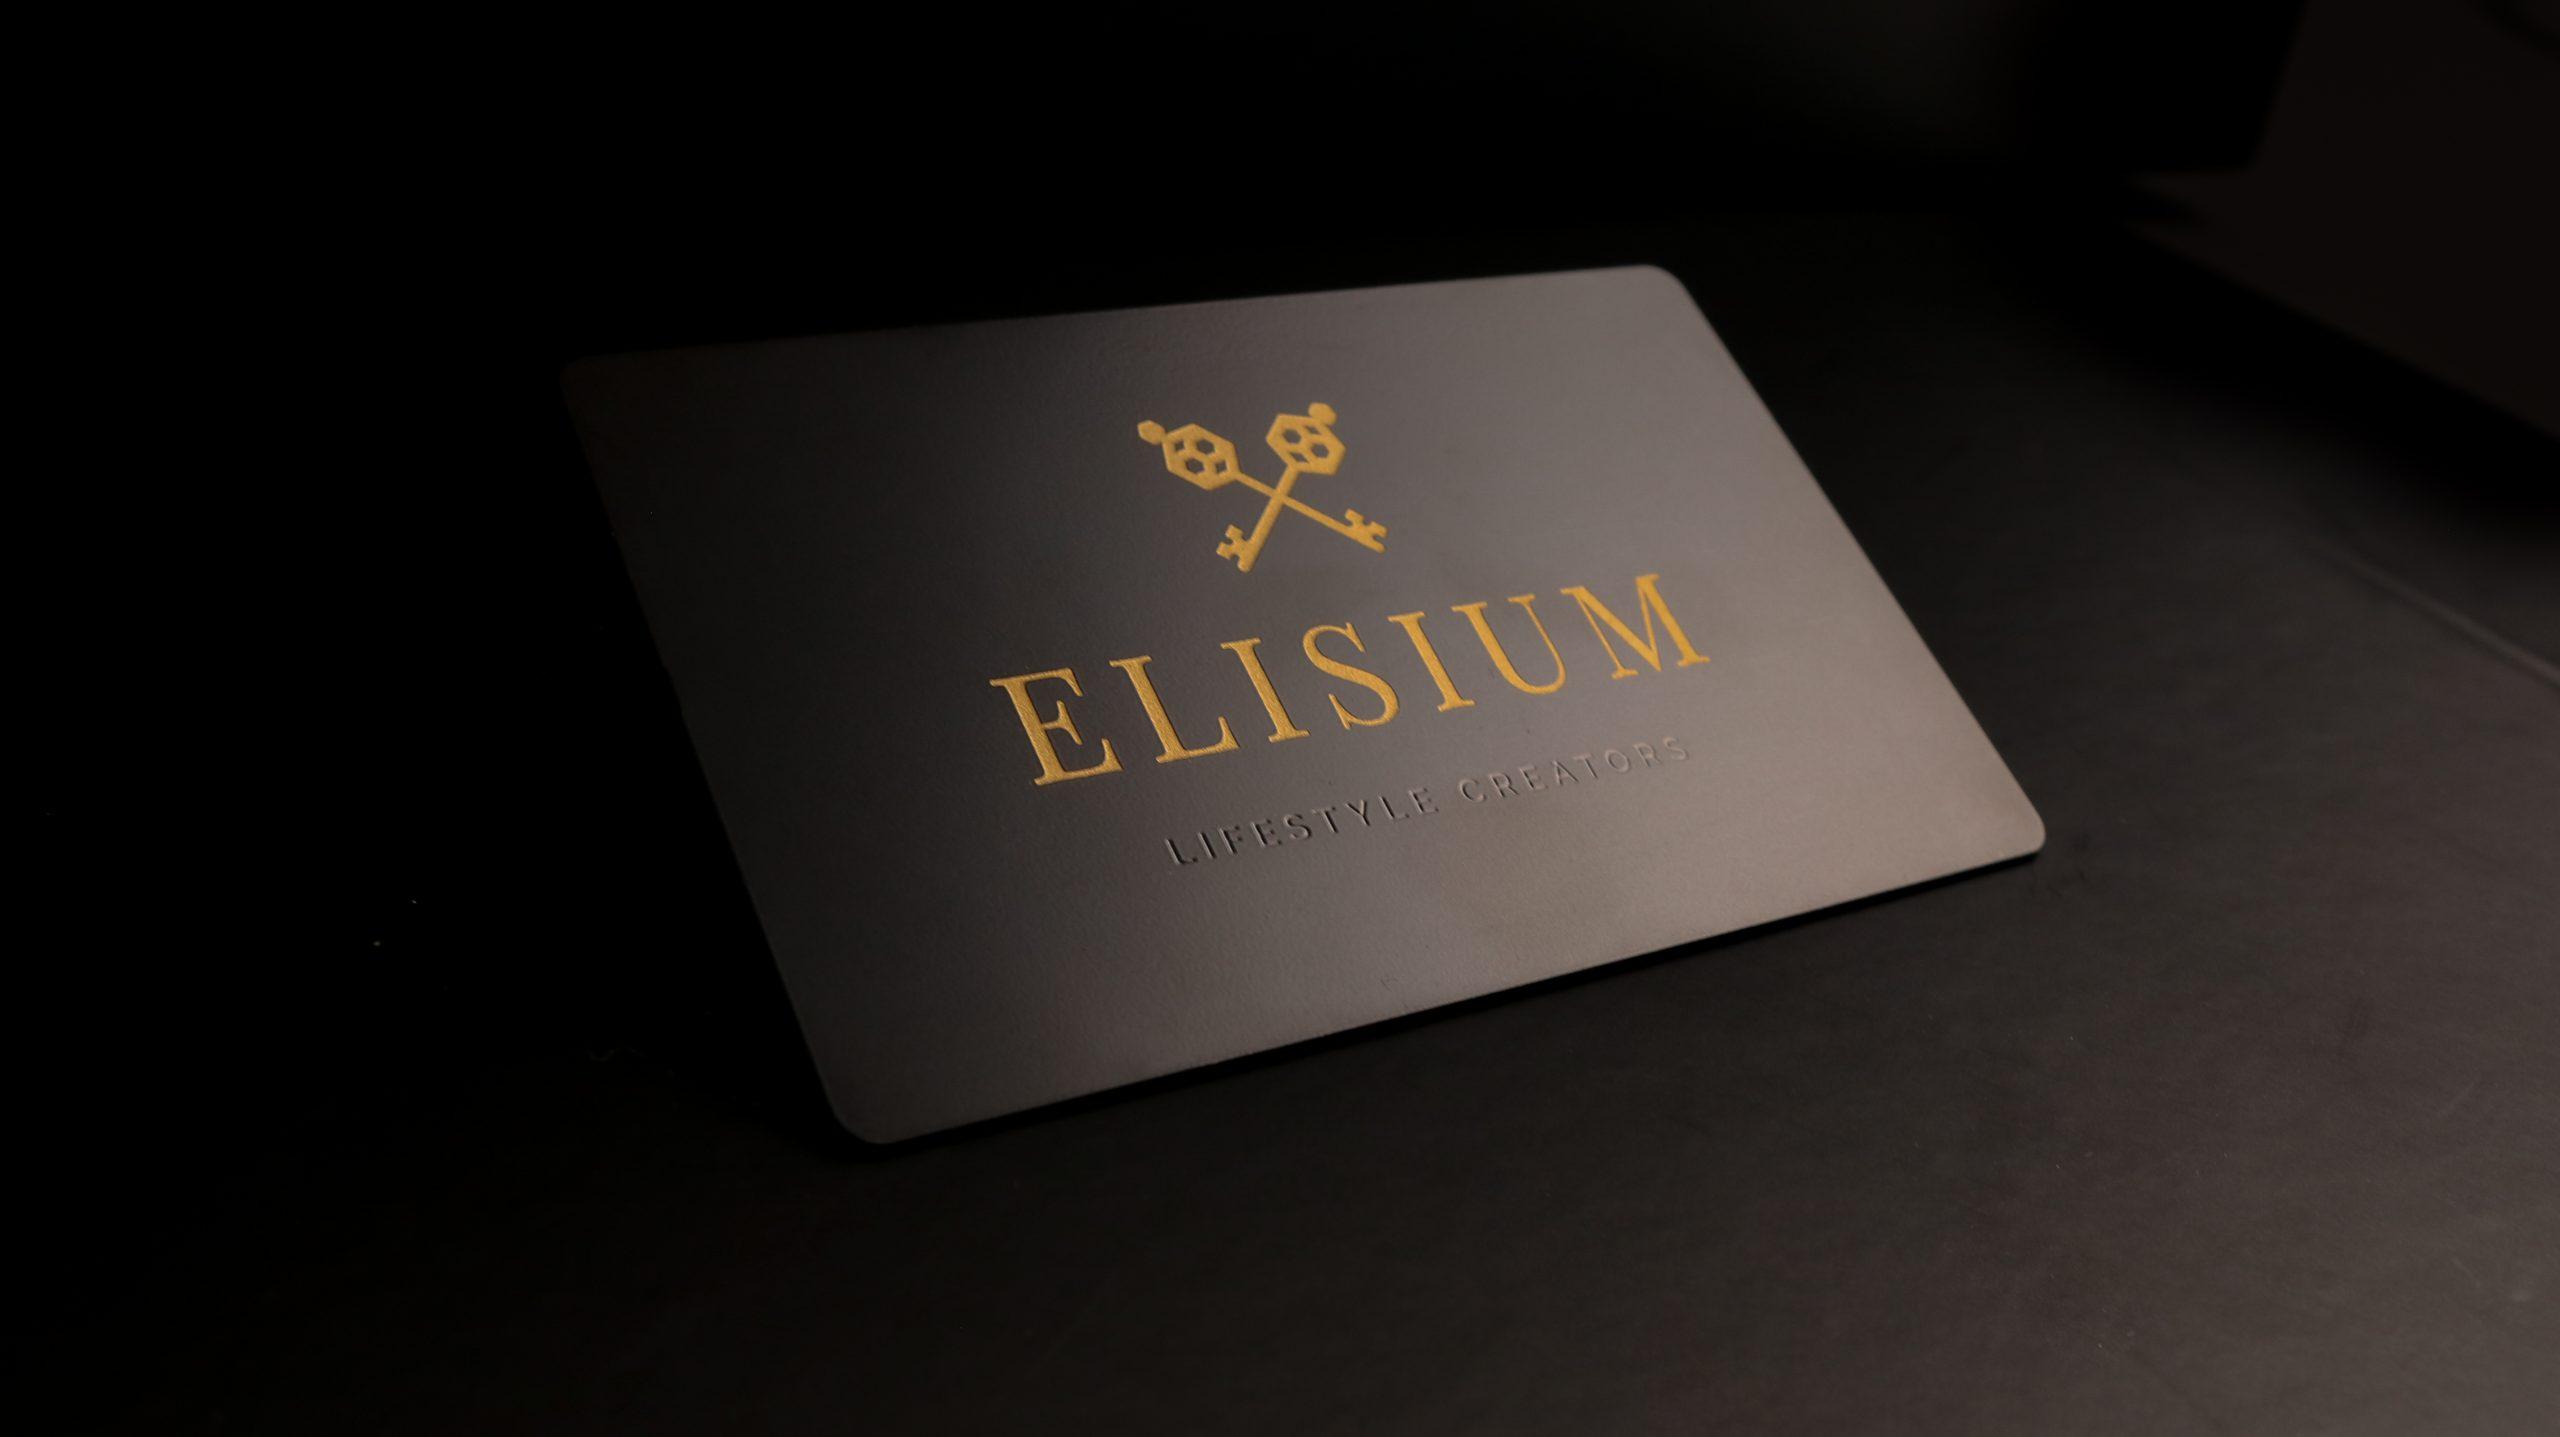 Ellisium Travel - Metal Business Cards